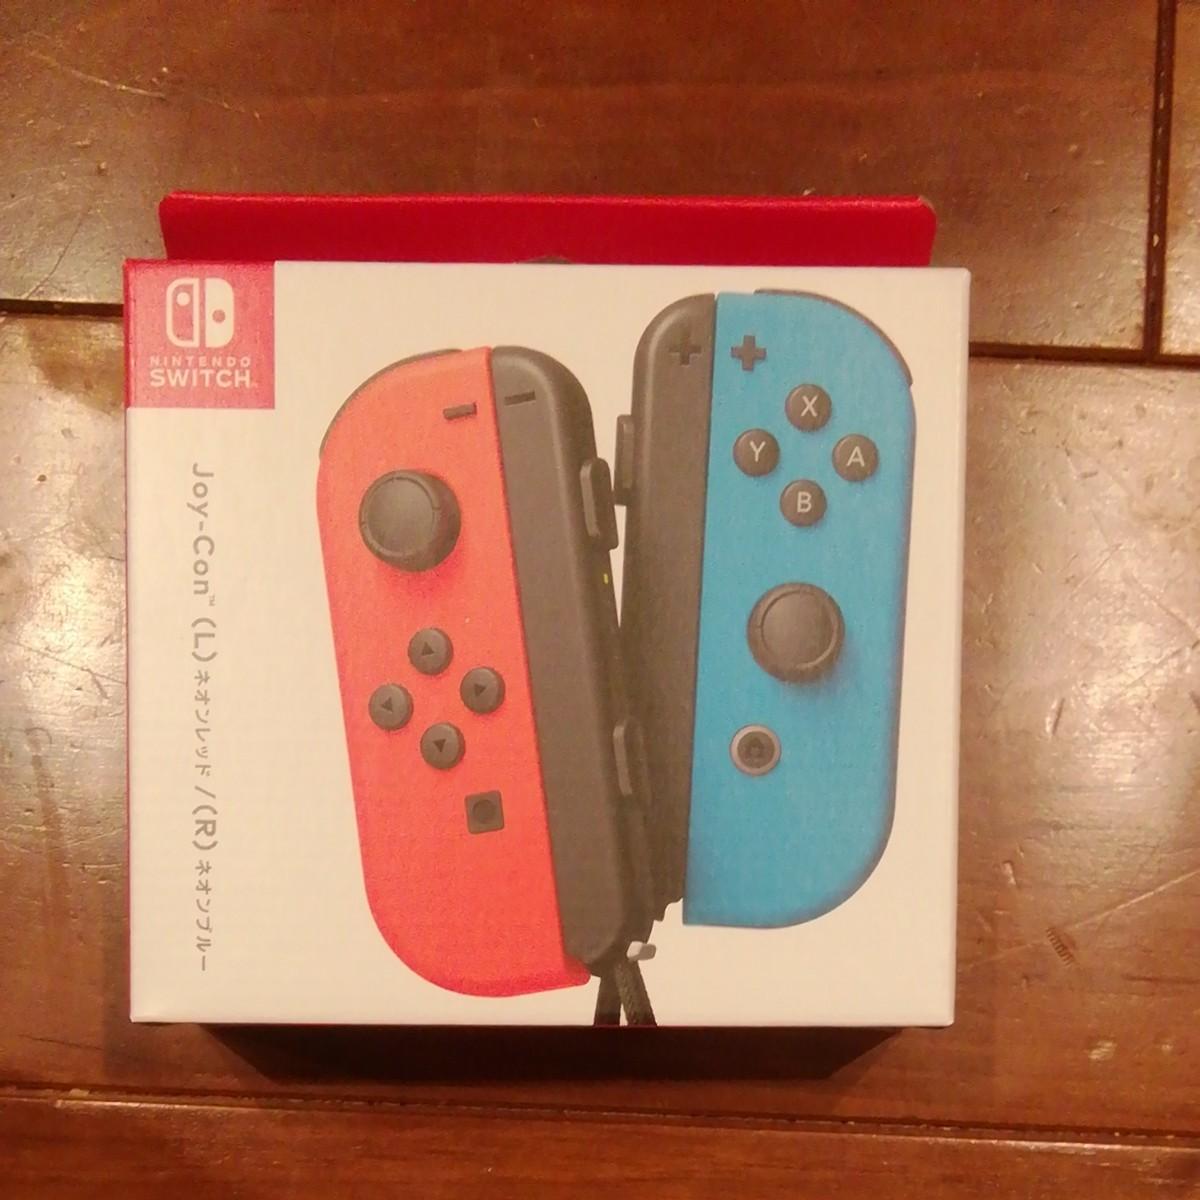 新品未使用 ニンテンドースイッチ Joy-Con ジョイコン Nintendo Switch レッド ブルー